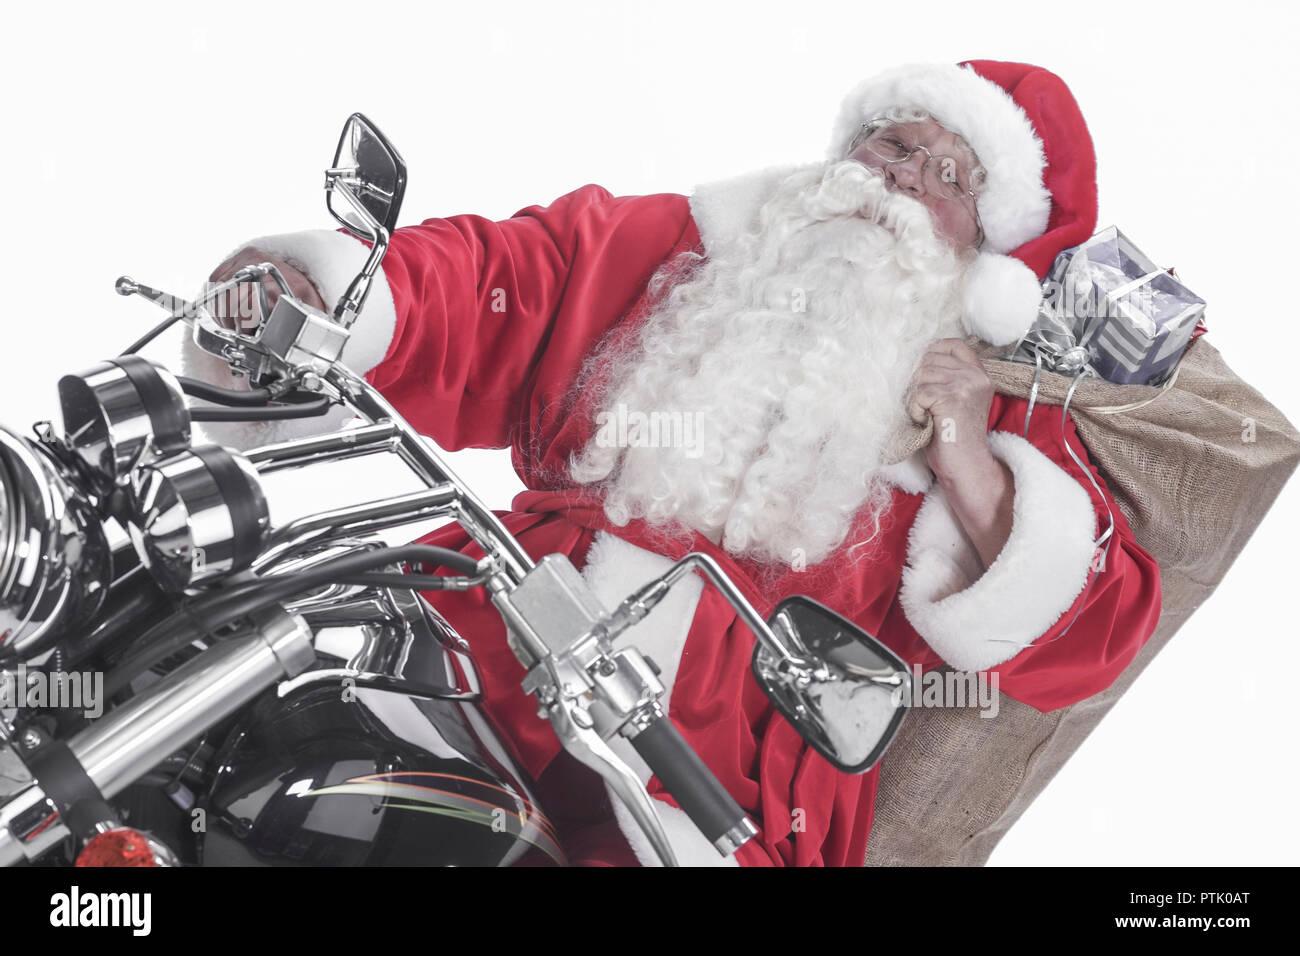 Mann, Nikolaus, Kostuem, Nikolauskostuem, Weihnachten, Motorrad ...